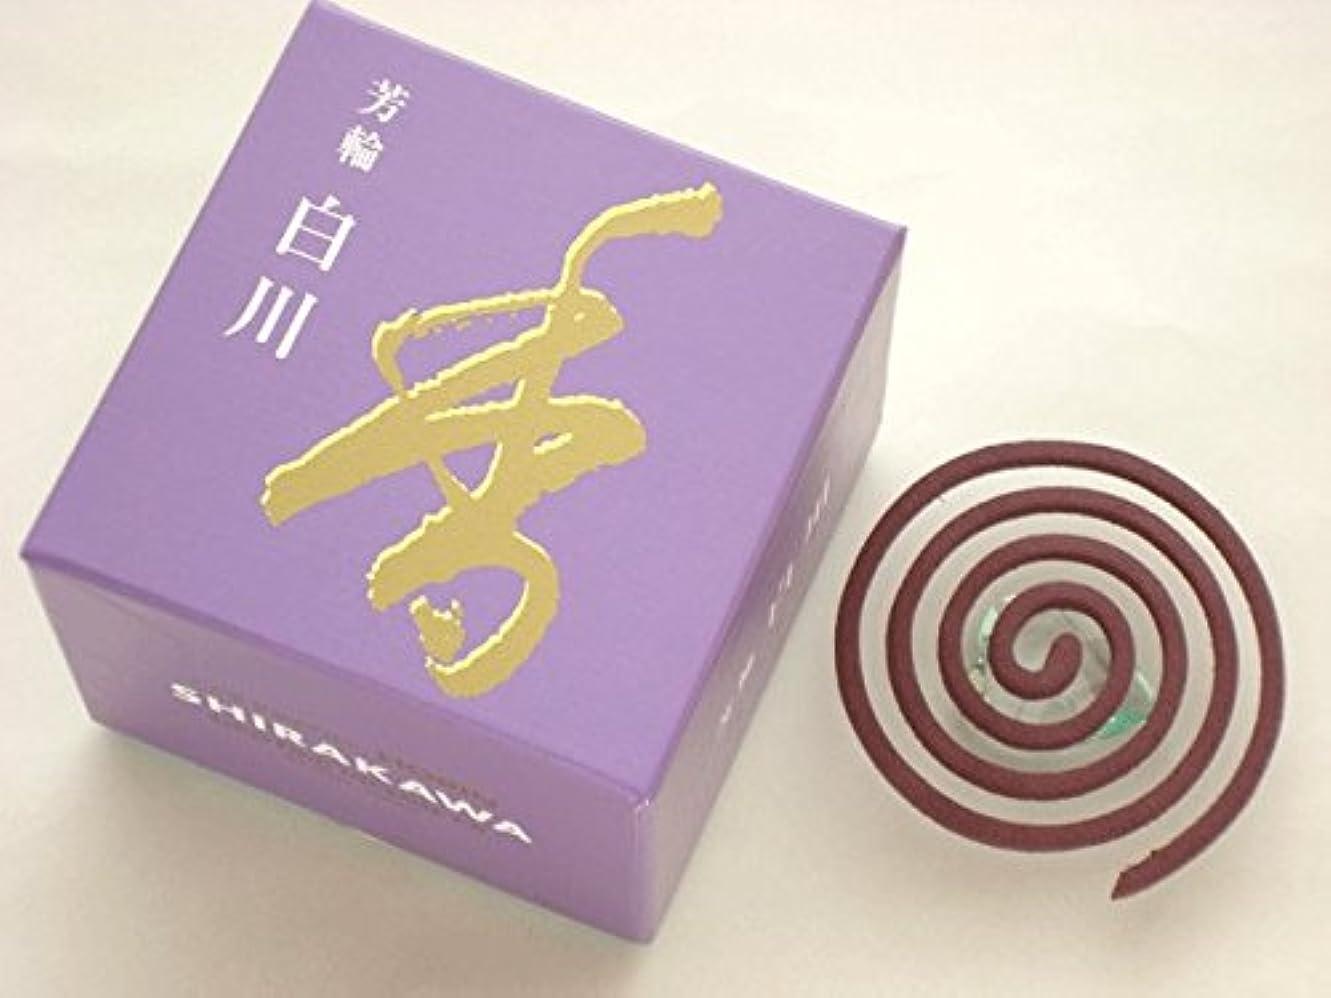 モードリン発見活力松栄堂 芳輪白川(ほうりんしらかわ) 【うずまき】 【お香】